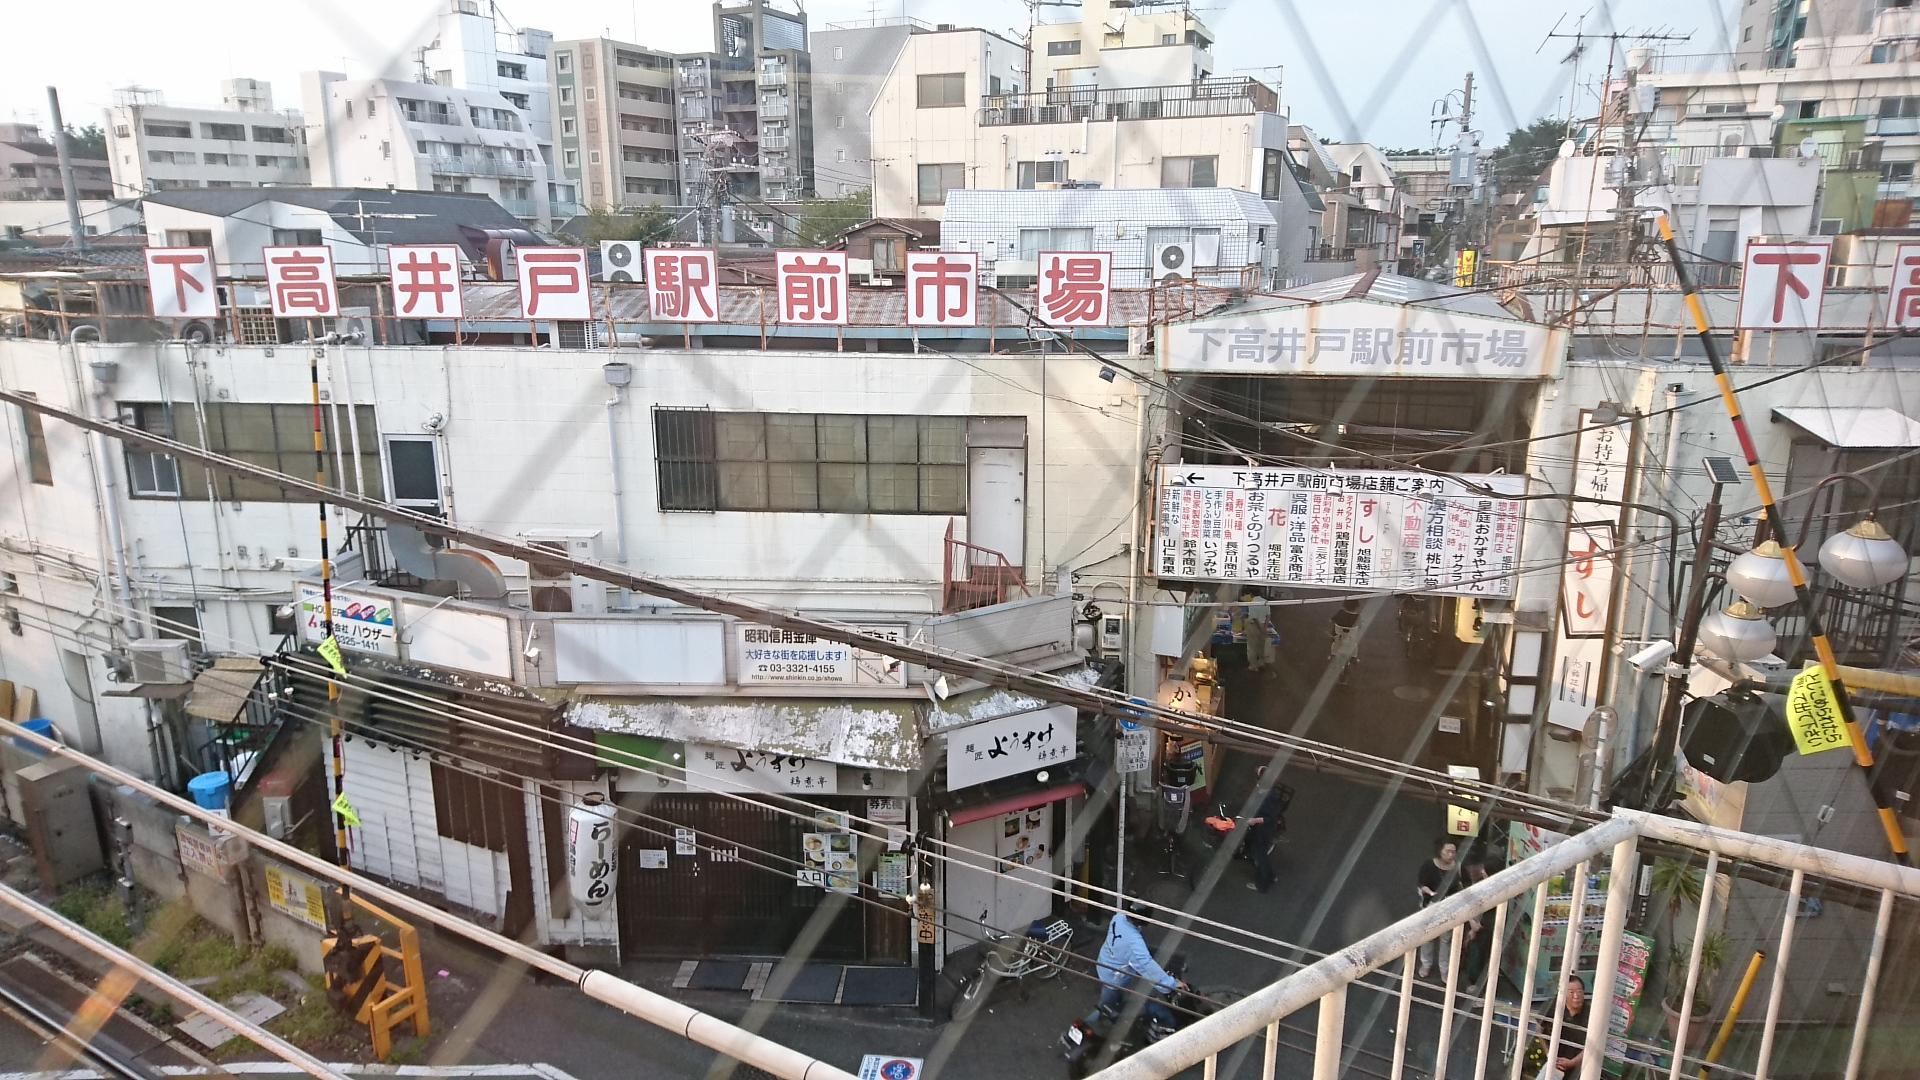 2017.10.12 東京 (145) 下高井戸商店街 - えきまえいちば 1920-1080